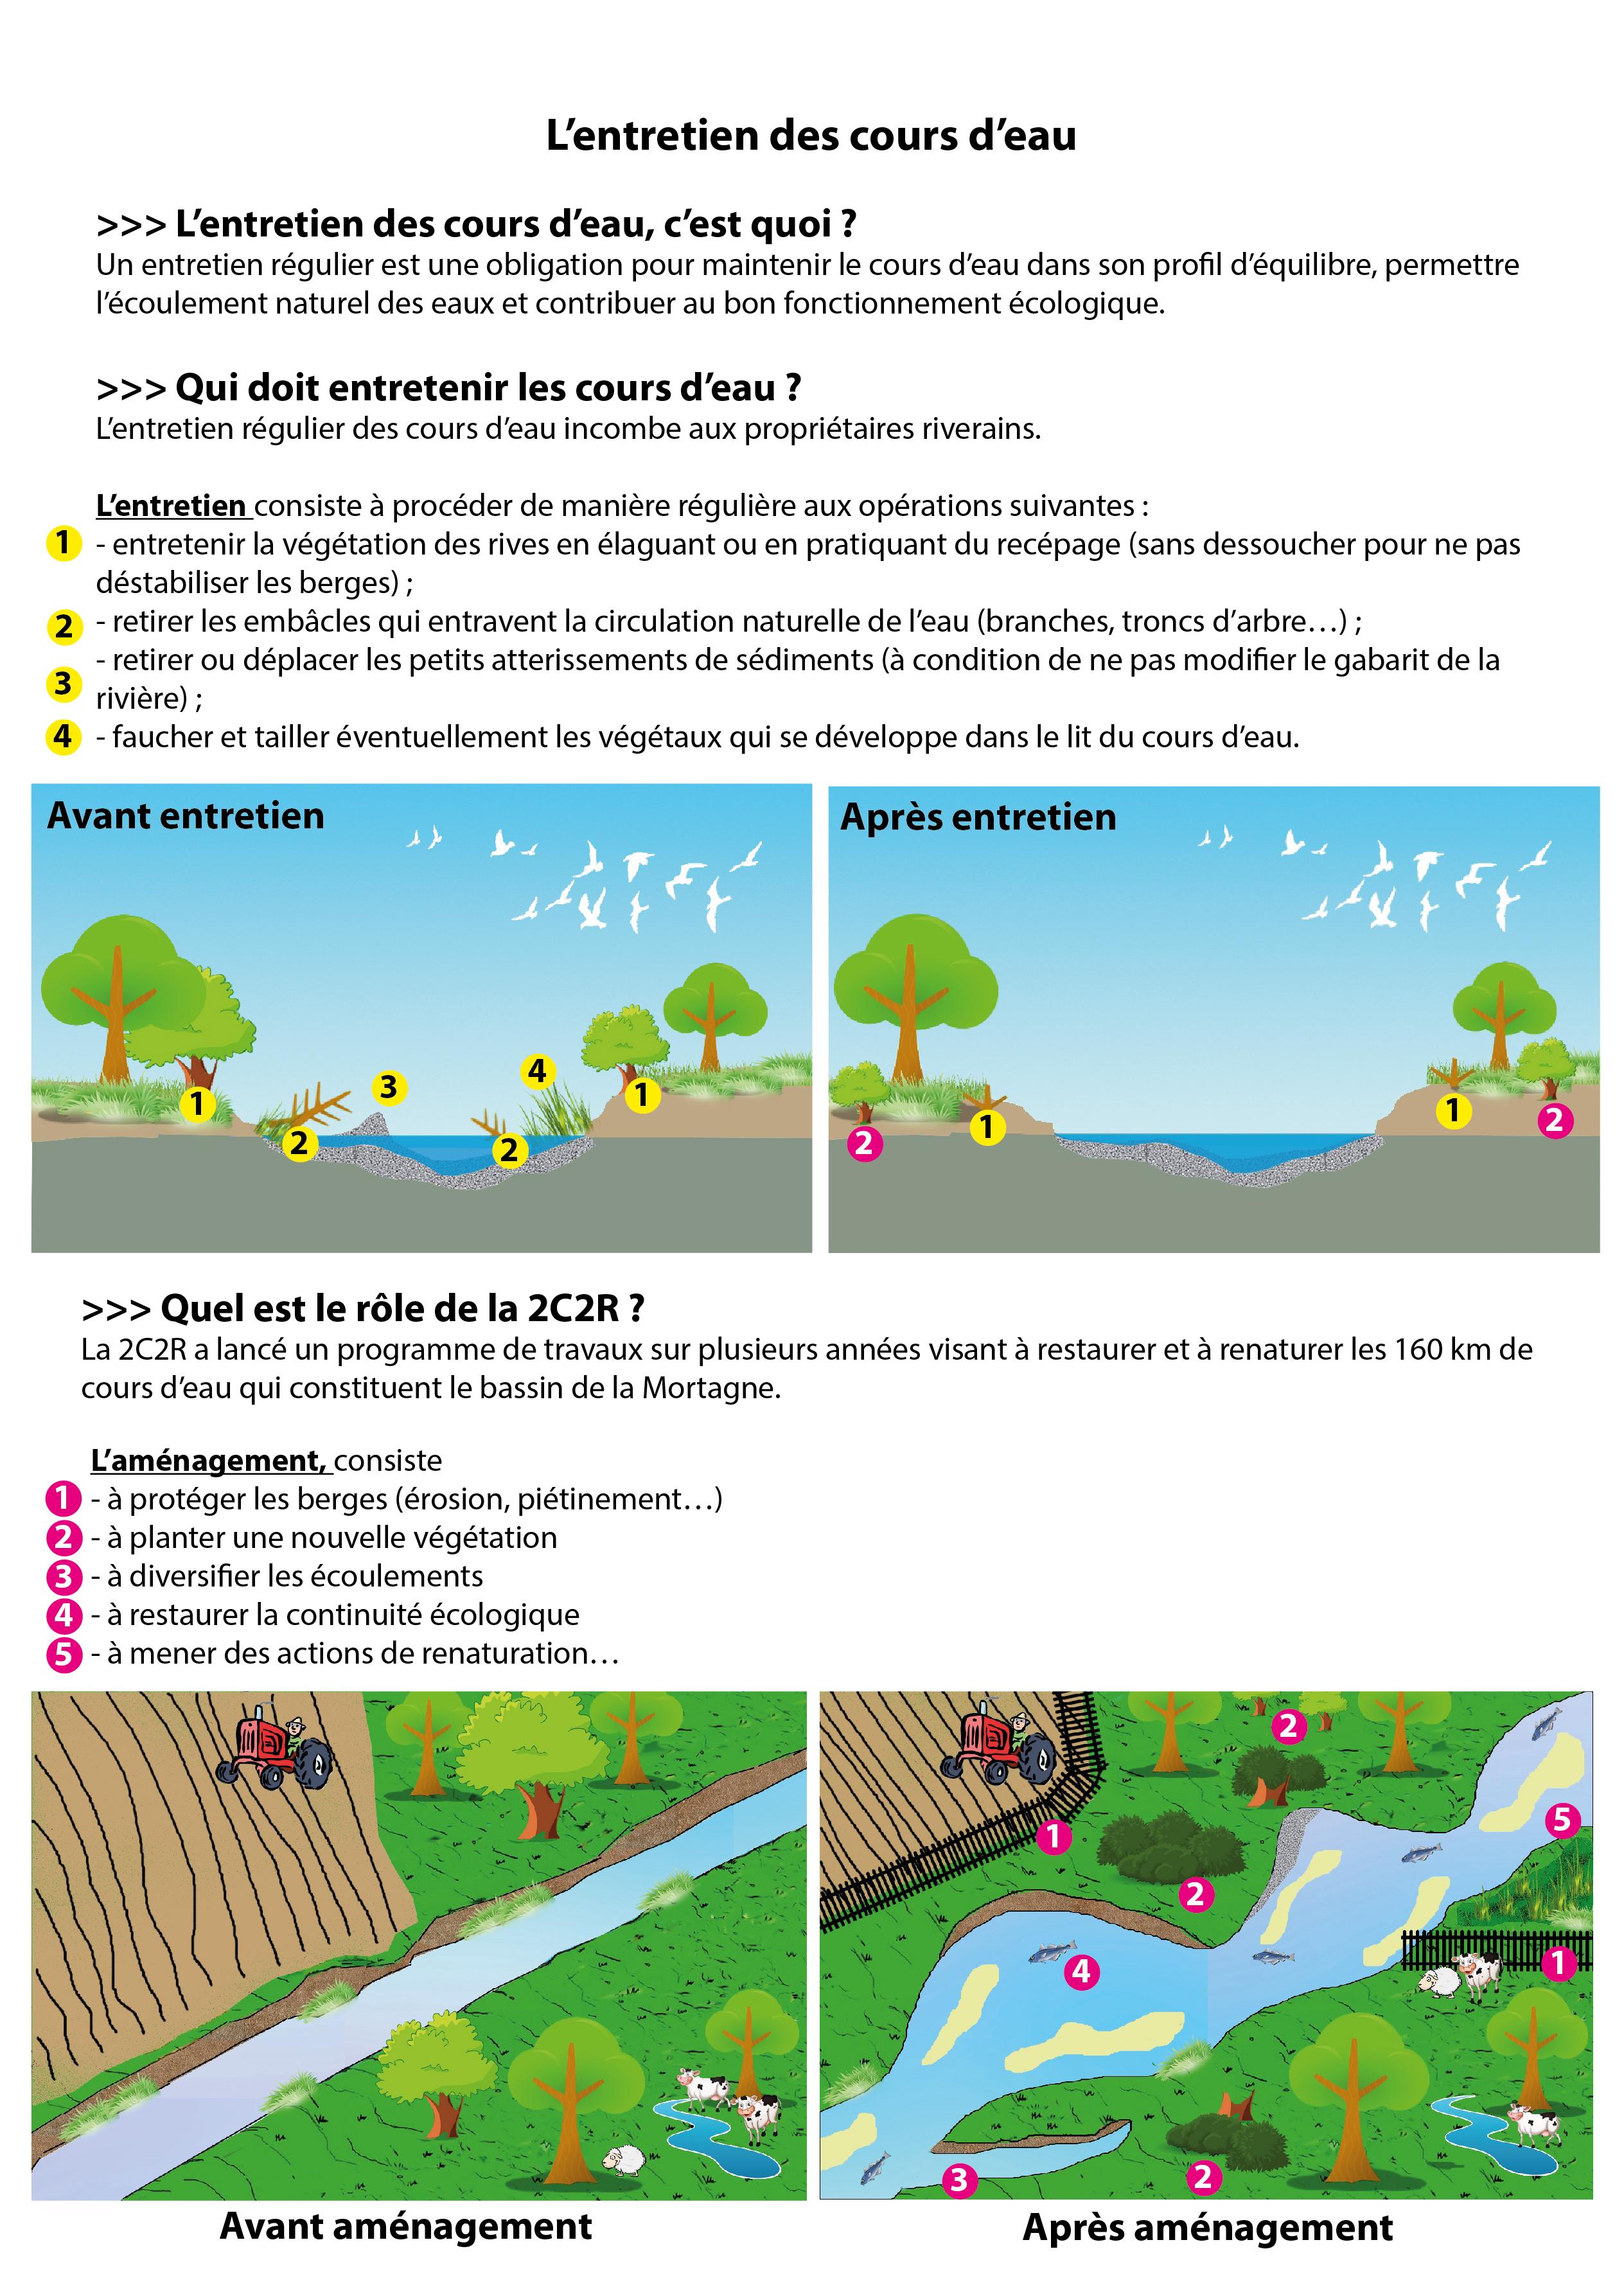 entretien et amenagement des cours d'eau